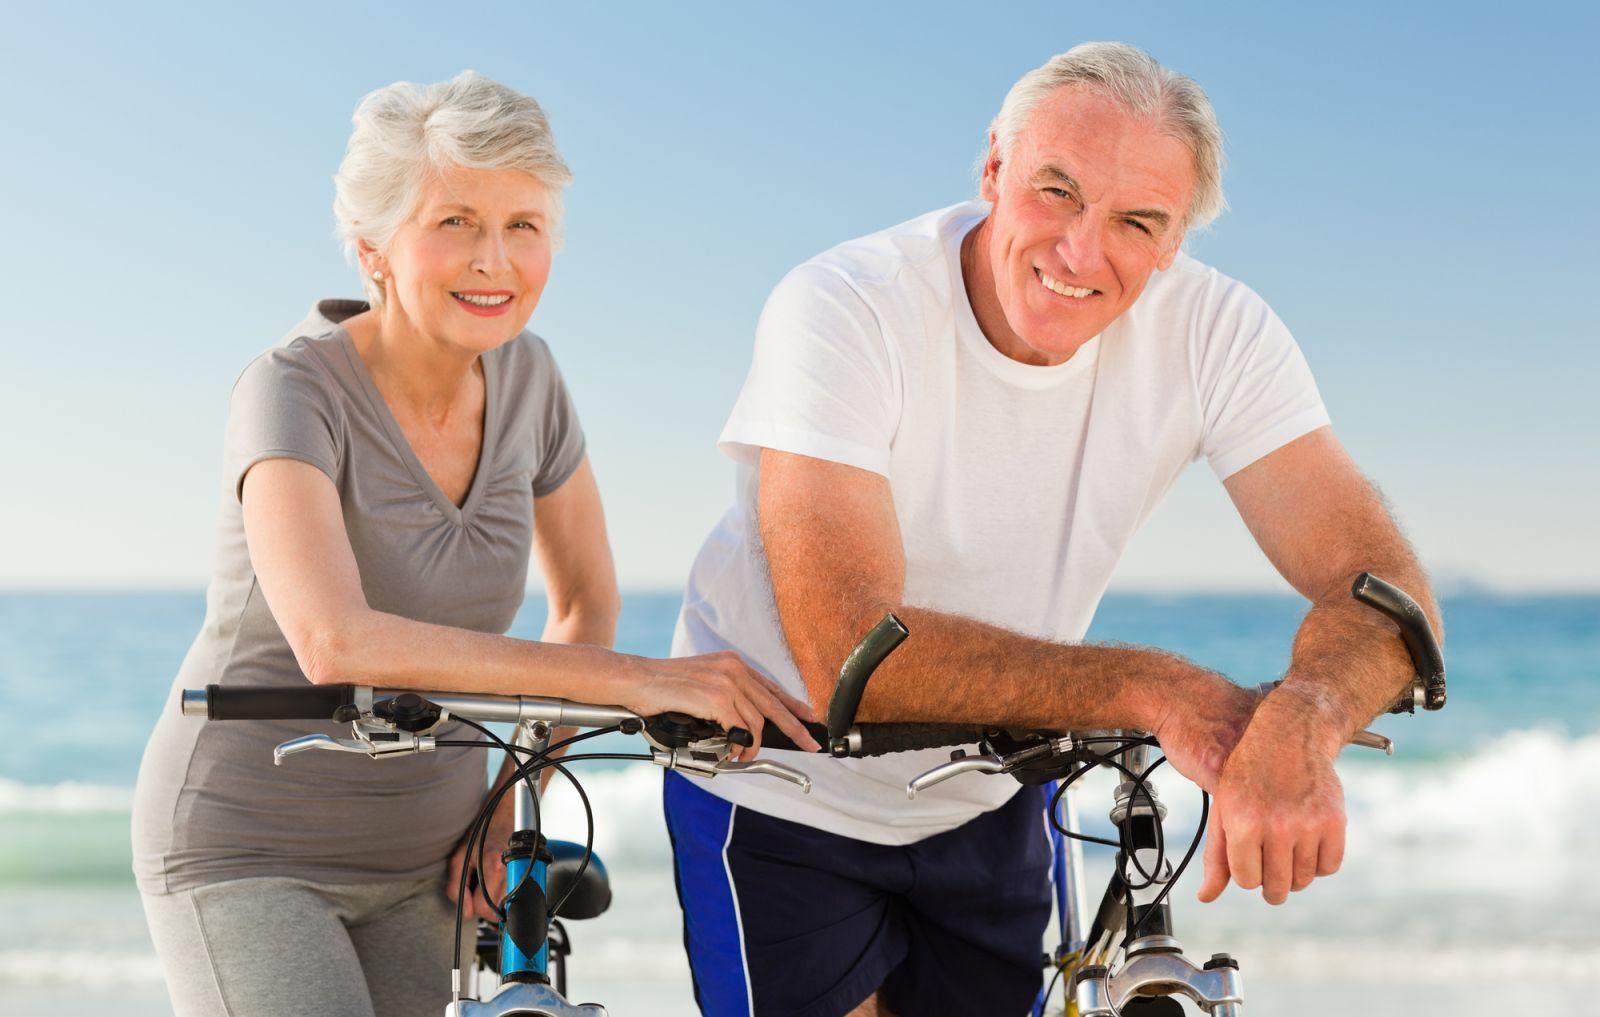 Od starzenia się można uciec na rowerze